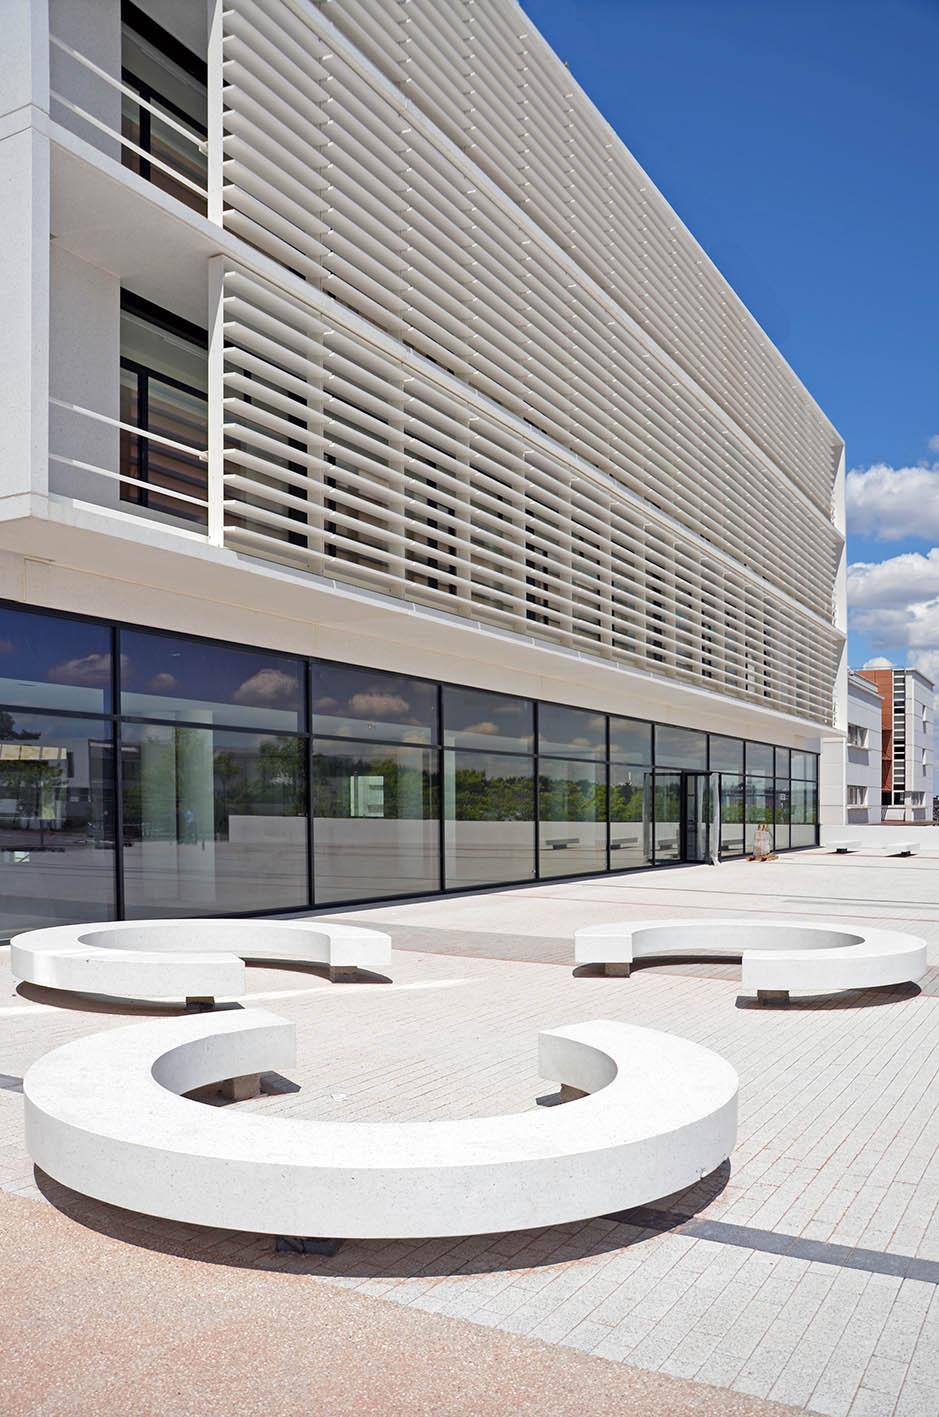 Projet INRS pôle Administration et Formation à Nancy